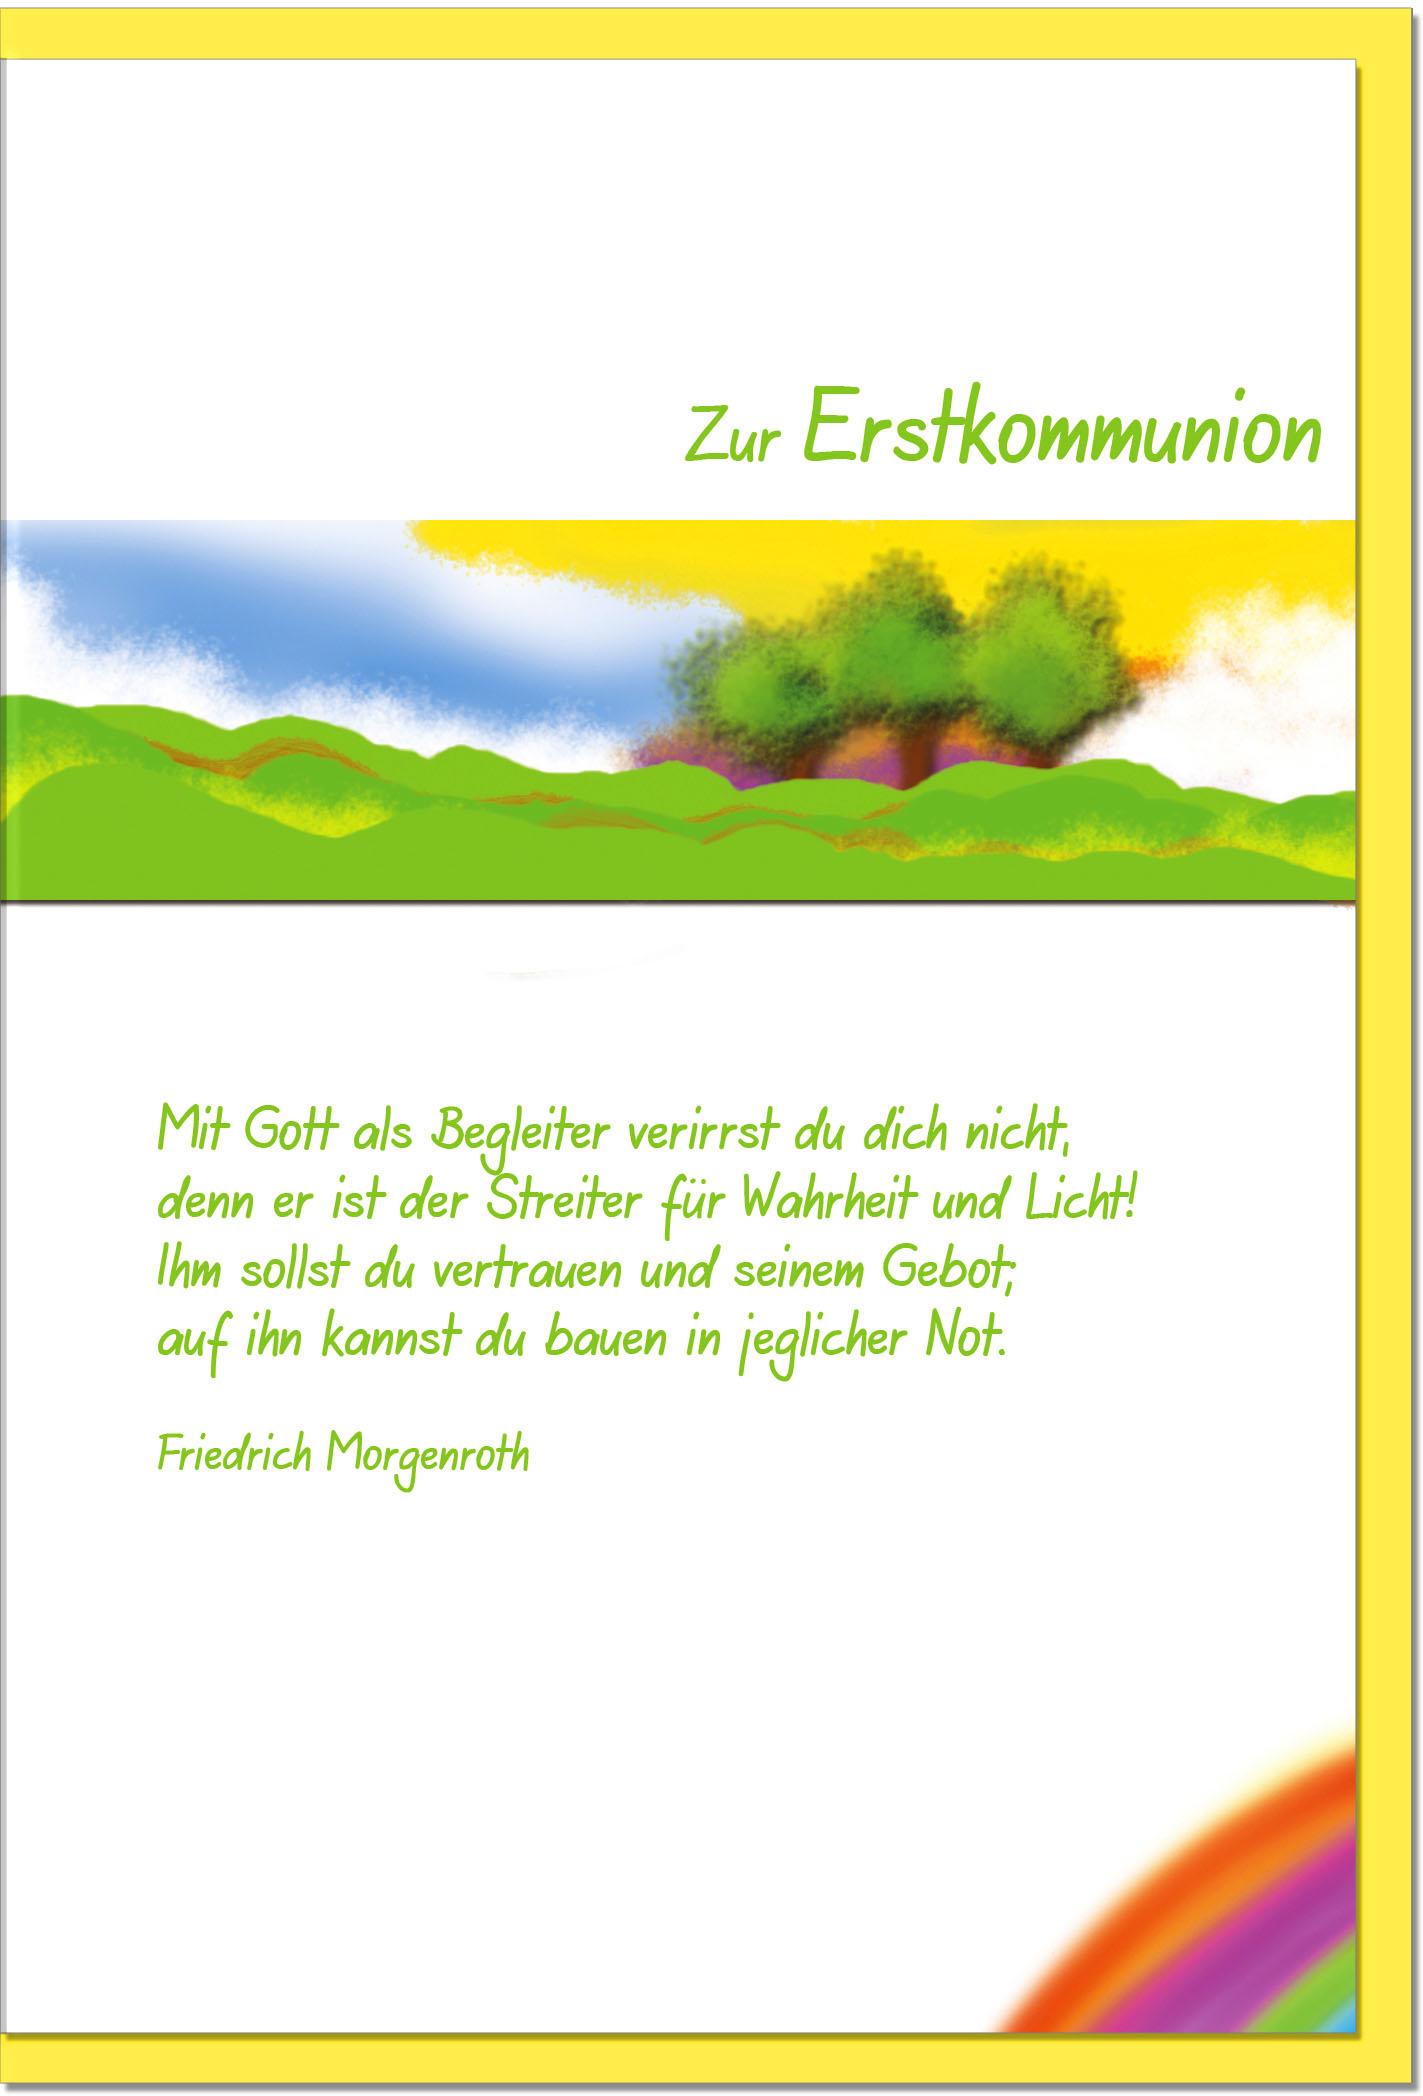 Kommunionskarten / Grußkarten /Kommunion Landschaft